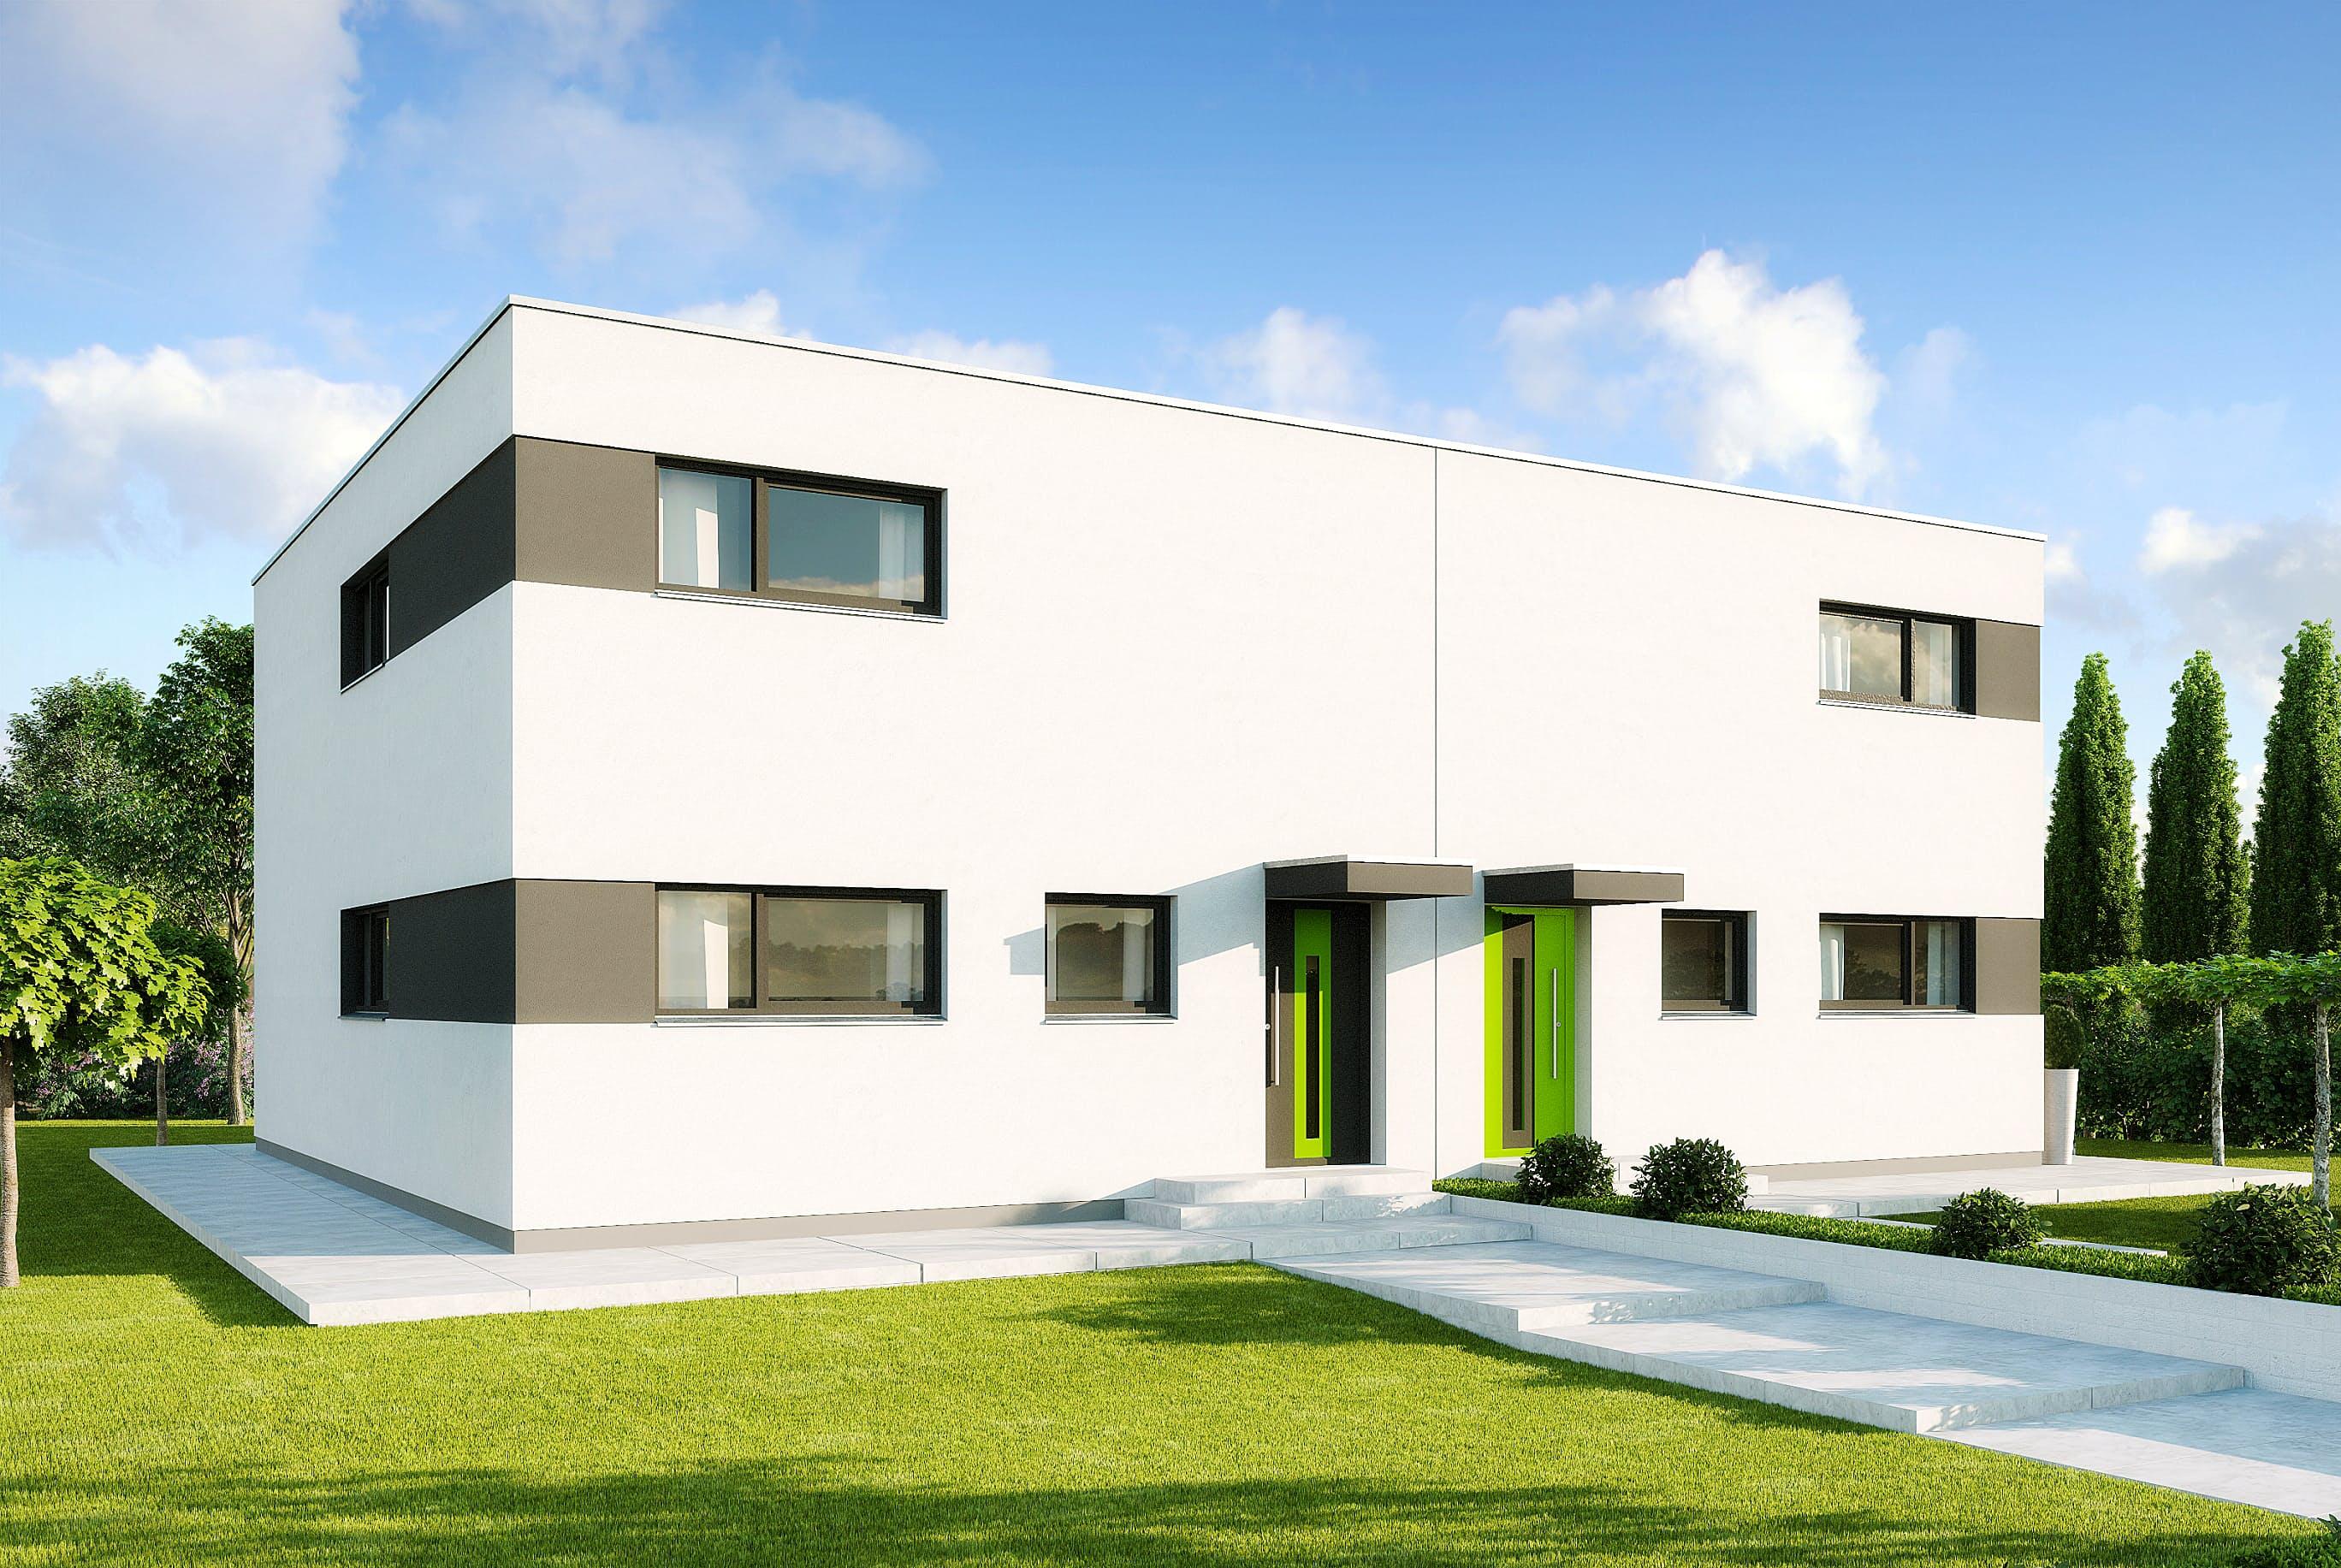 doppelhaus bauen kosten klassischer mit satteldach der firma hausfreude with doppelhaus bauen. Black Bedroom Furniture Sets. Home Design Ideas